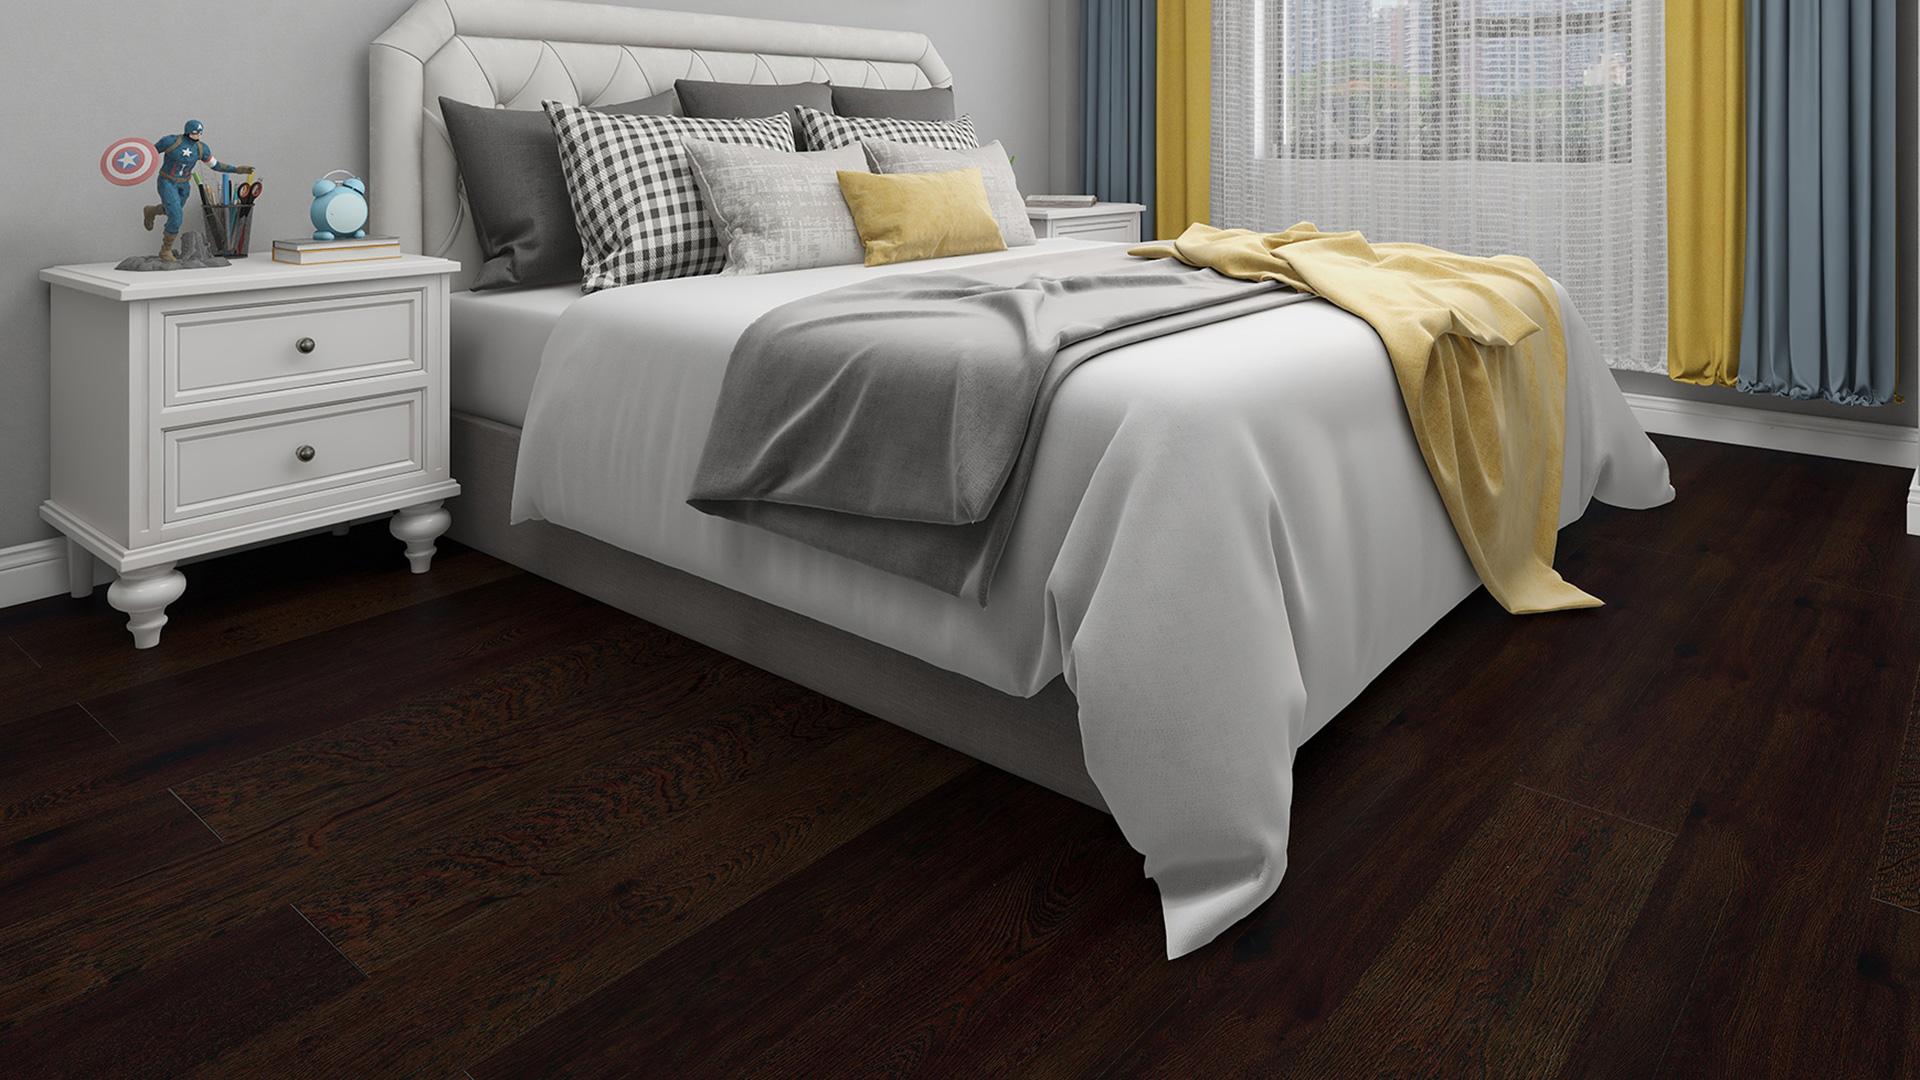 瑞典KAHRS实木复合地板,单拼褐色橡木